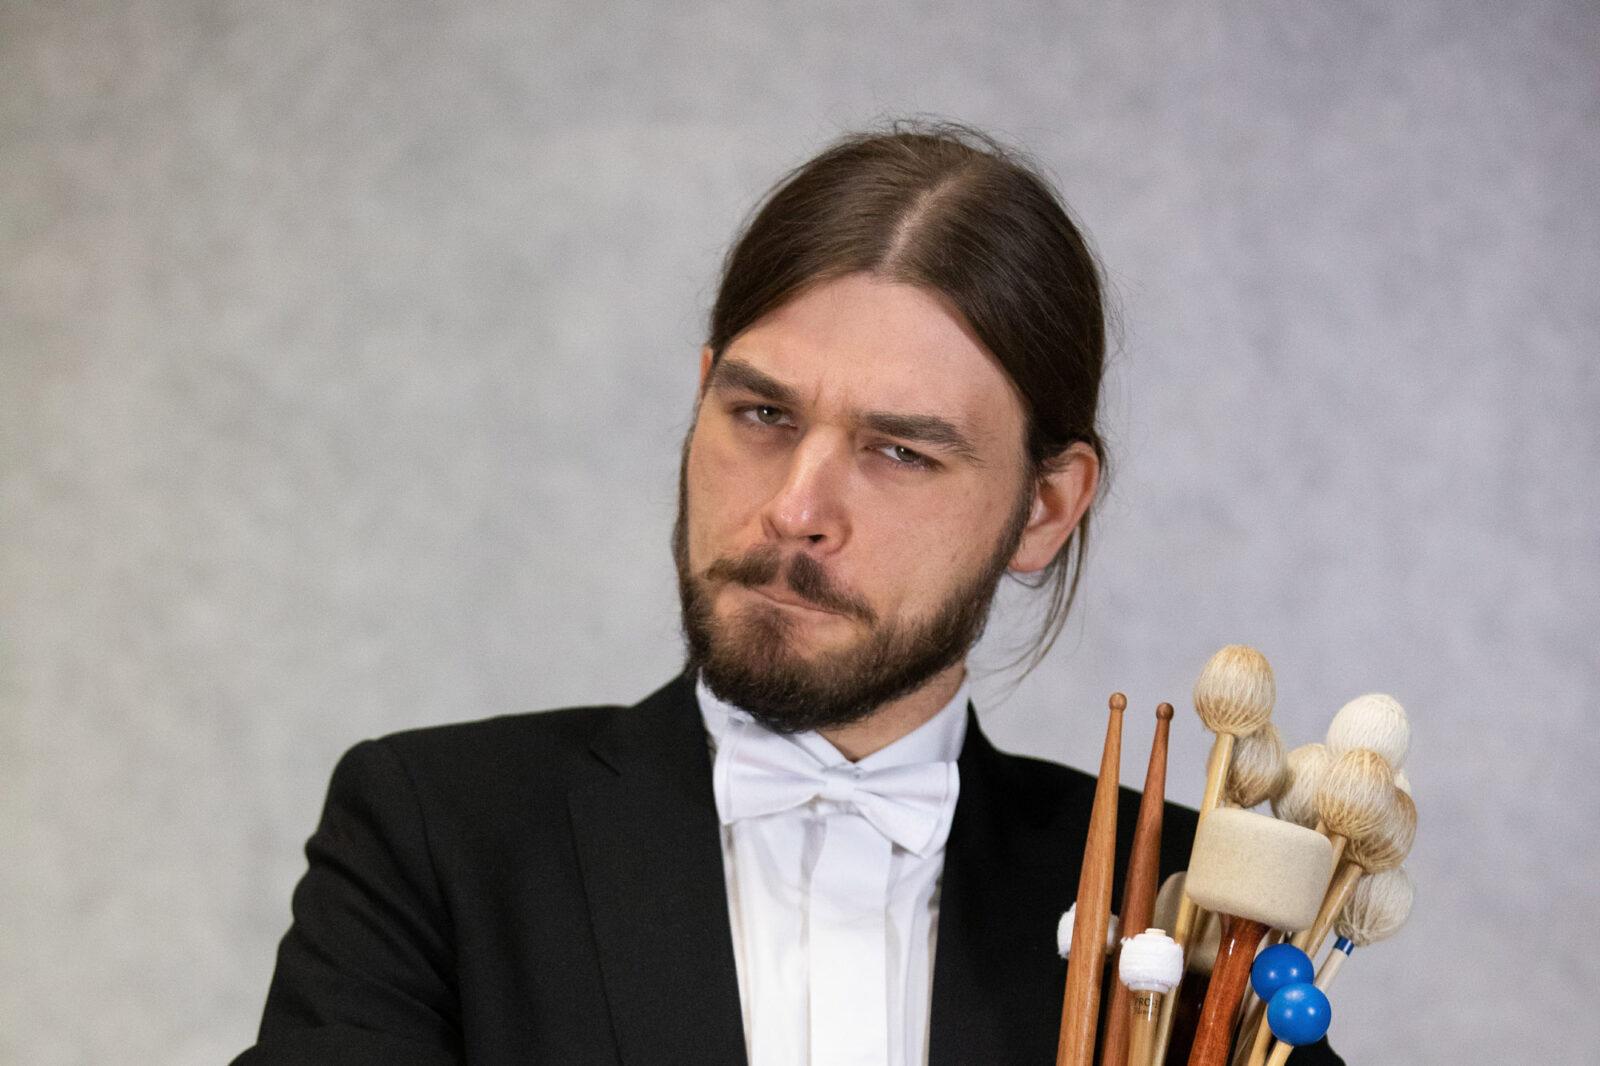 Zdjęcie Stanisława Siedlaczka z zestawem pałek do instrumentów perkusyjnych